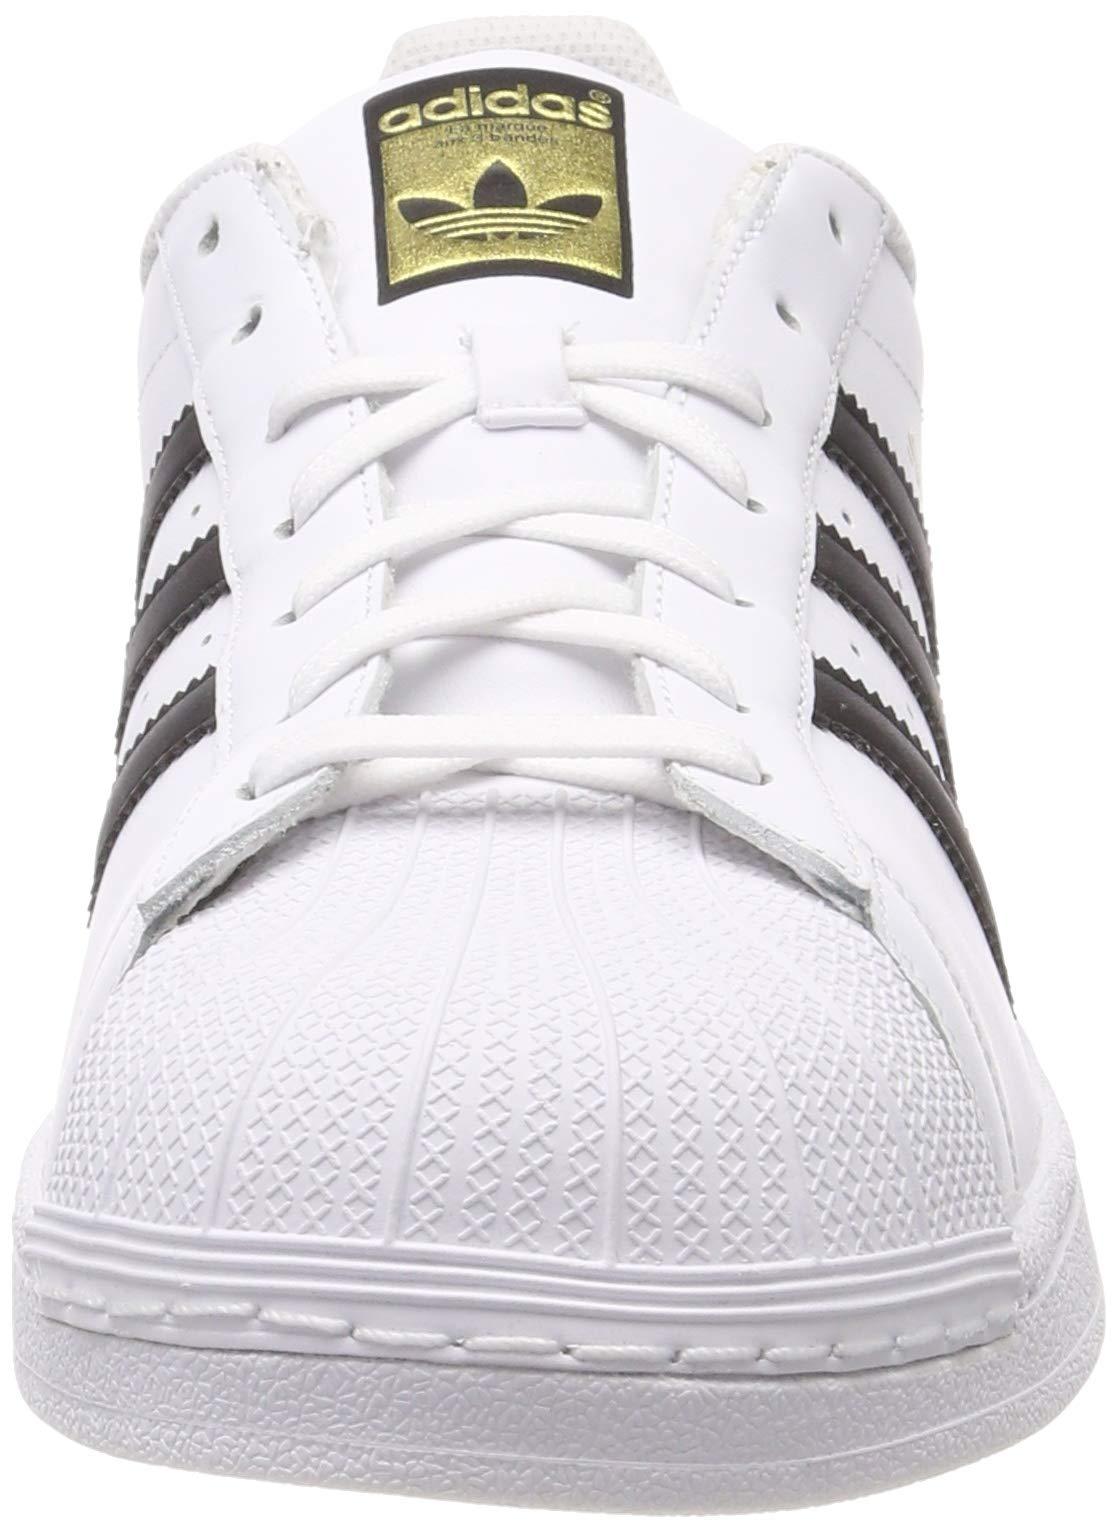 C77124 Nero Pelle Adidas 44 Bianco Scarpe Originals Unisex Superstar ZqwgBz1p